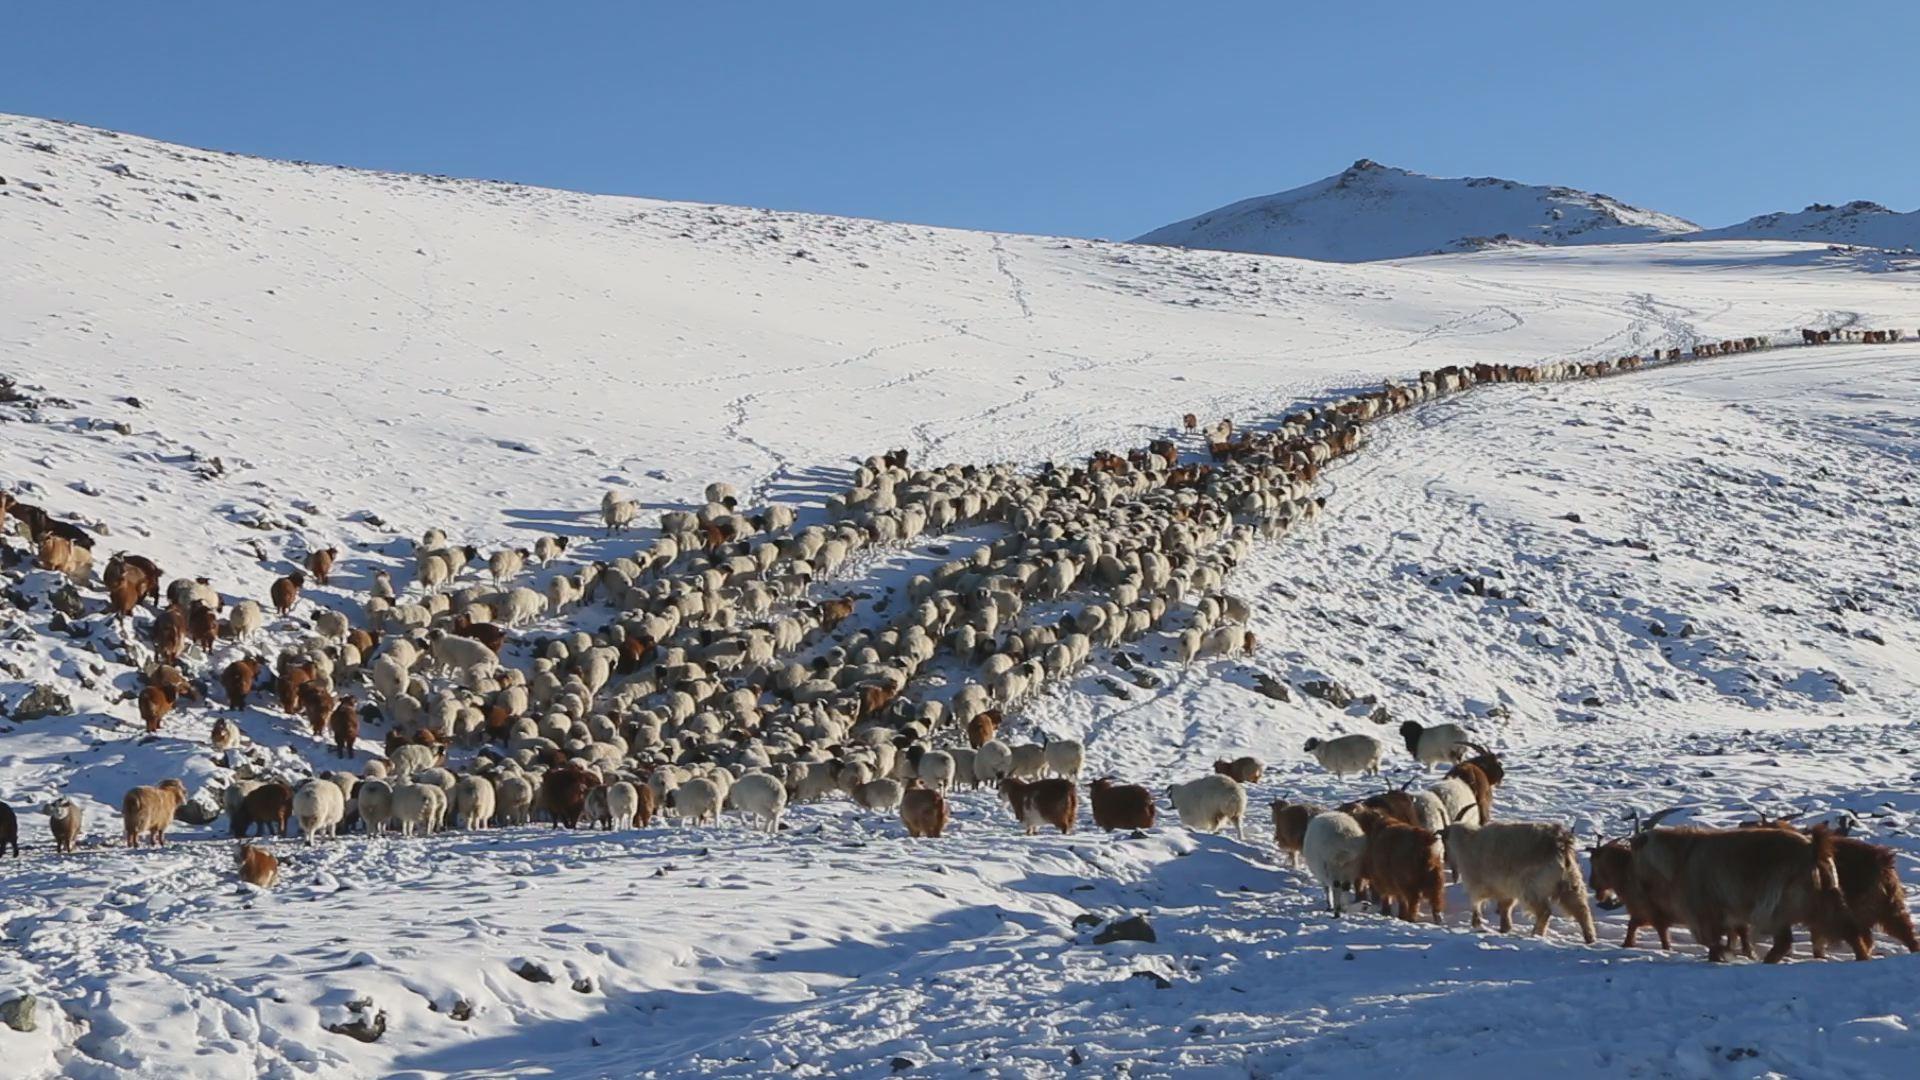 Хөвсгөл аймгийн зарим суманд 100 тн өвс тэжээл хүргэнэ